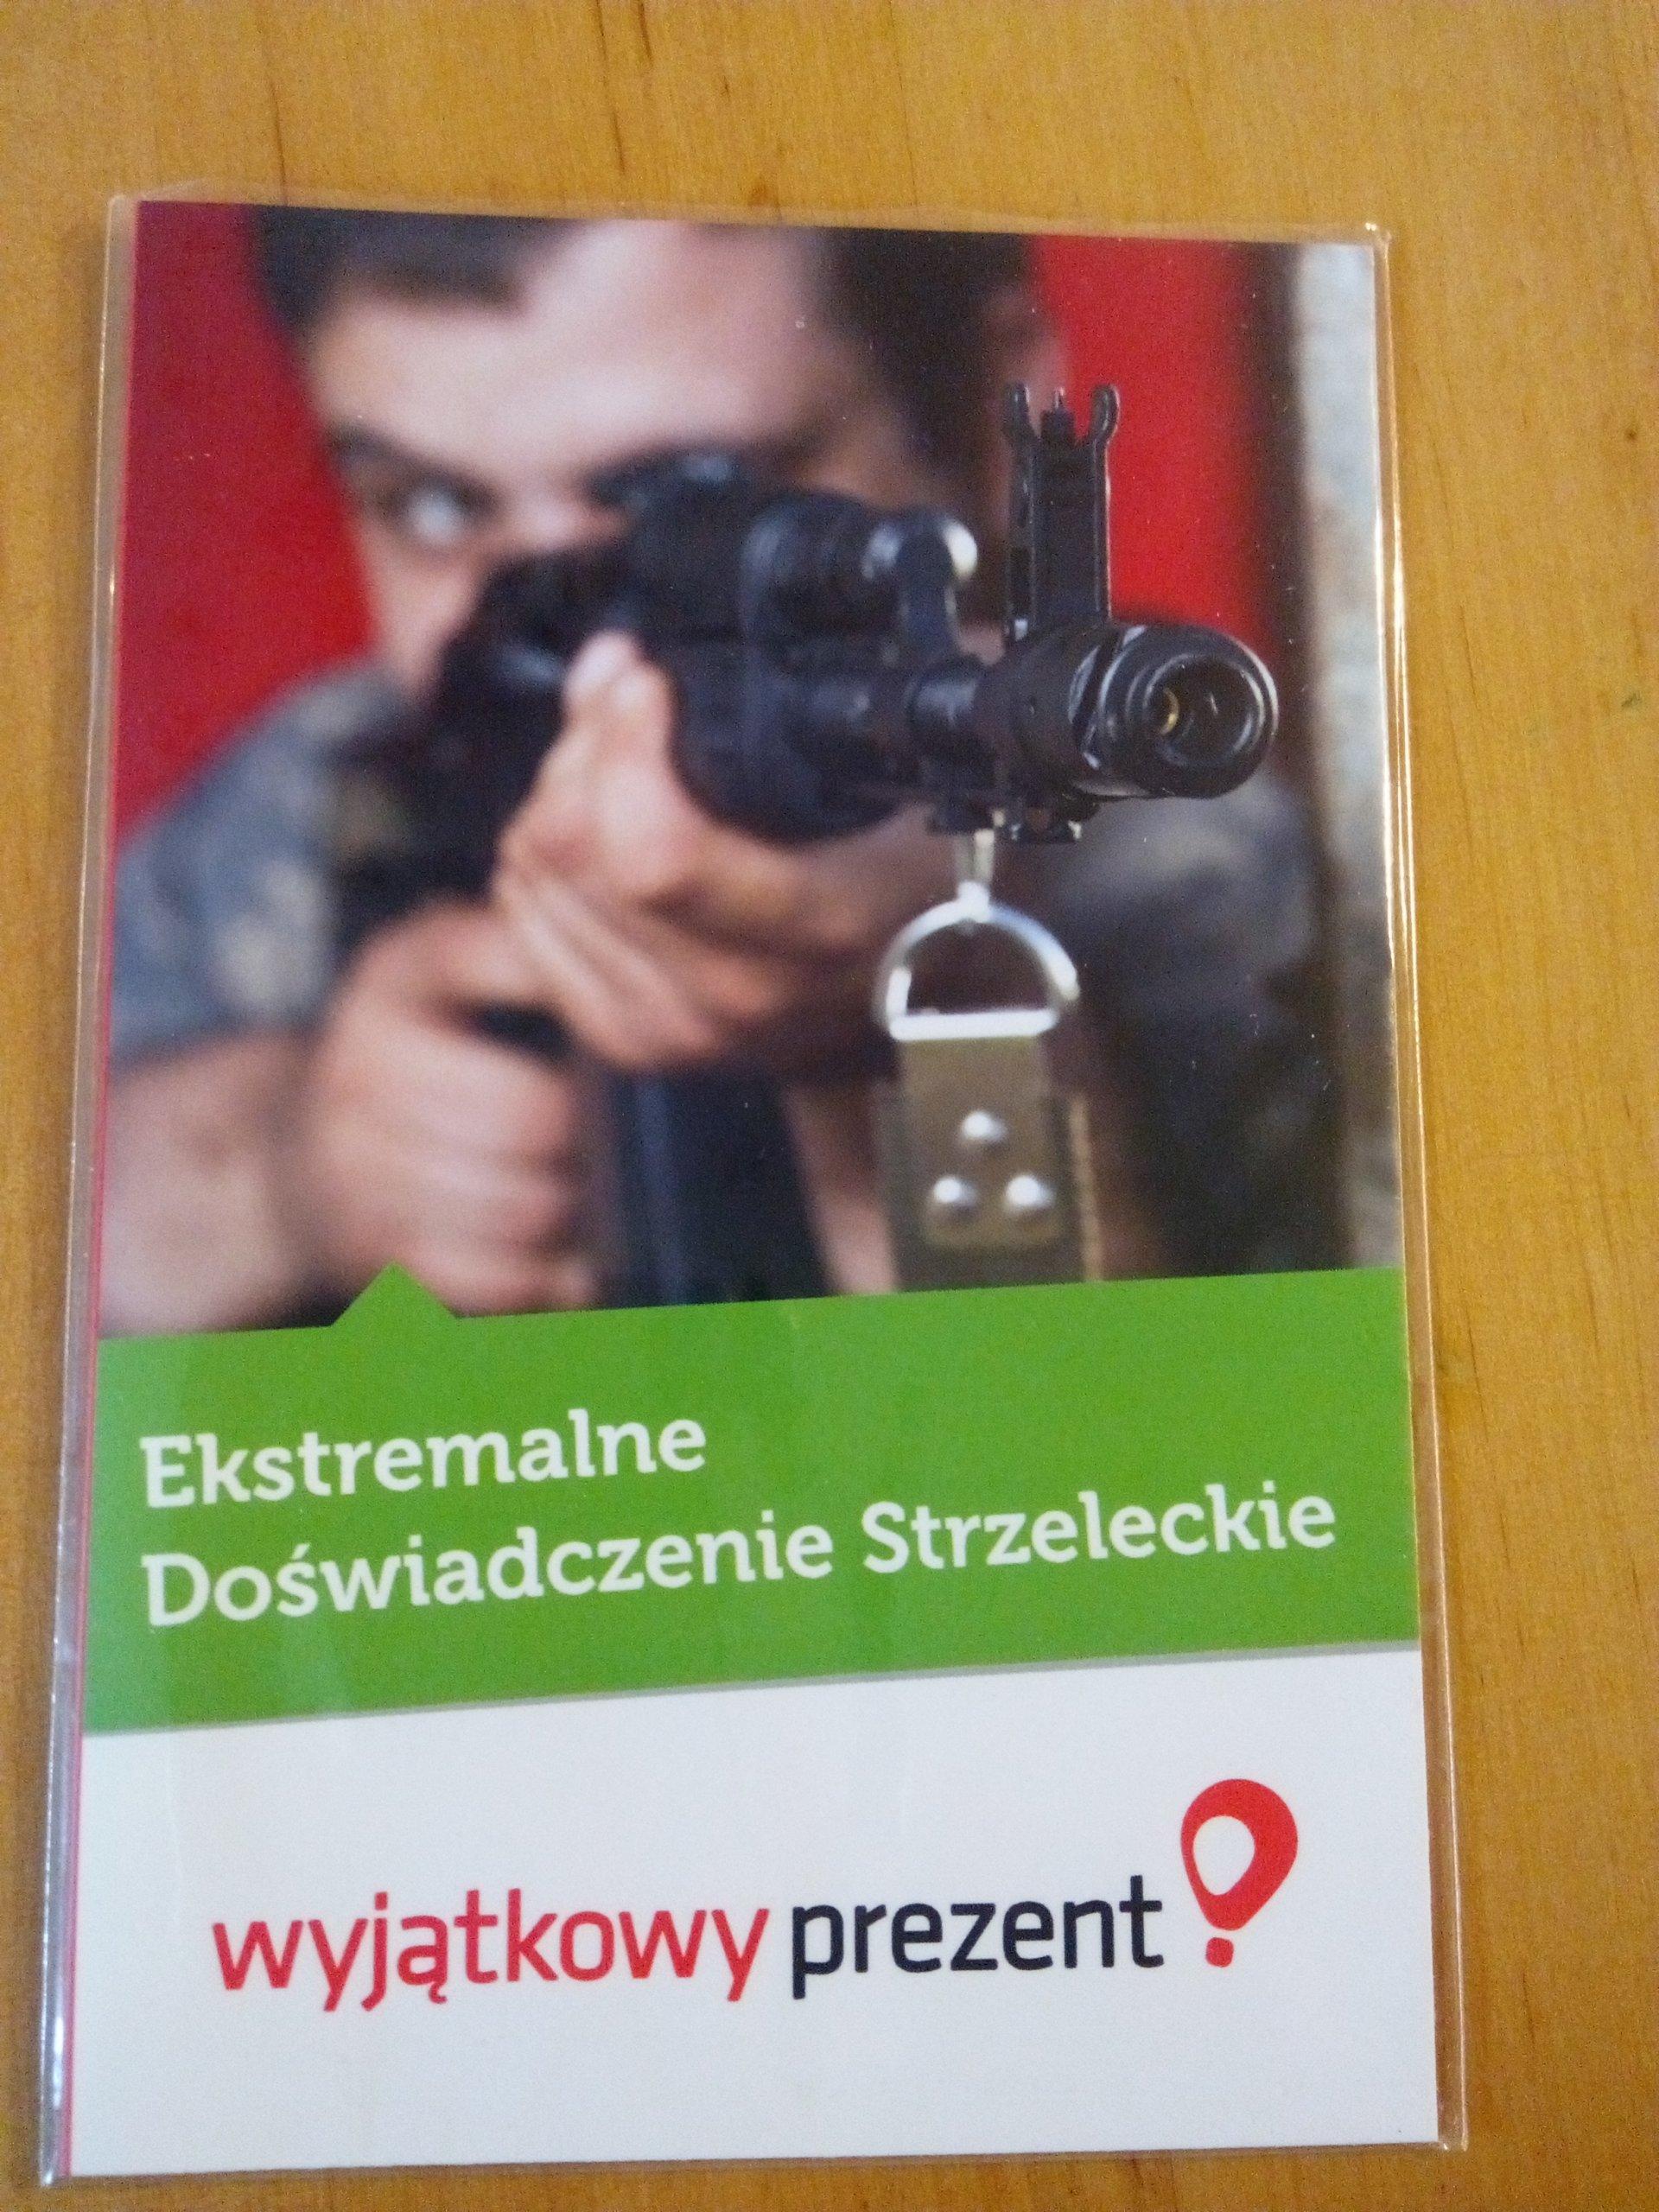 Ekstremalne doświadczenie strzeleckie